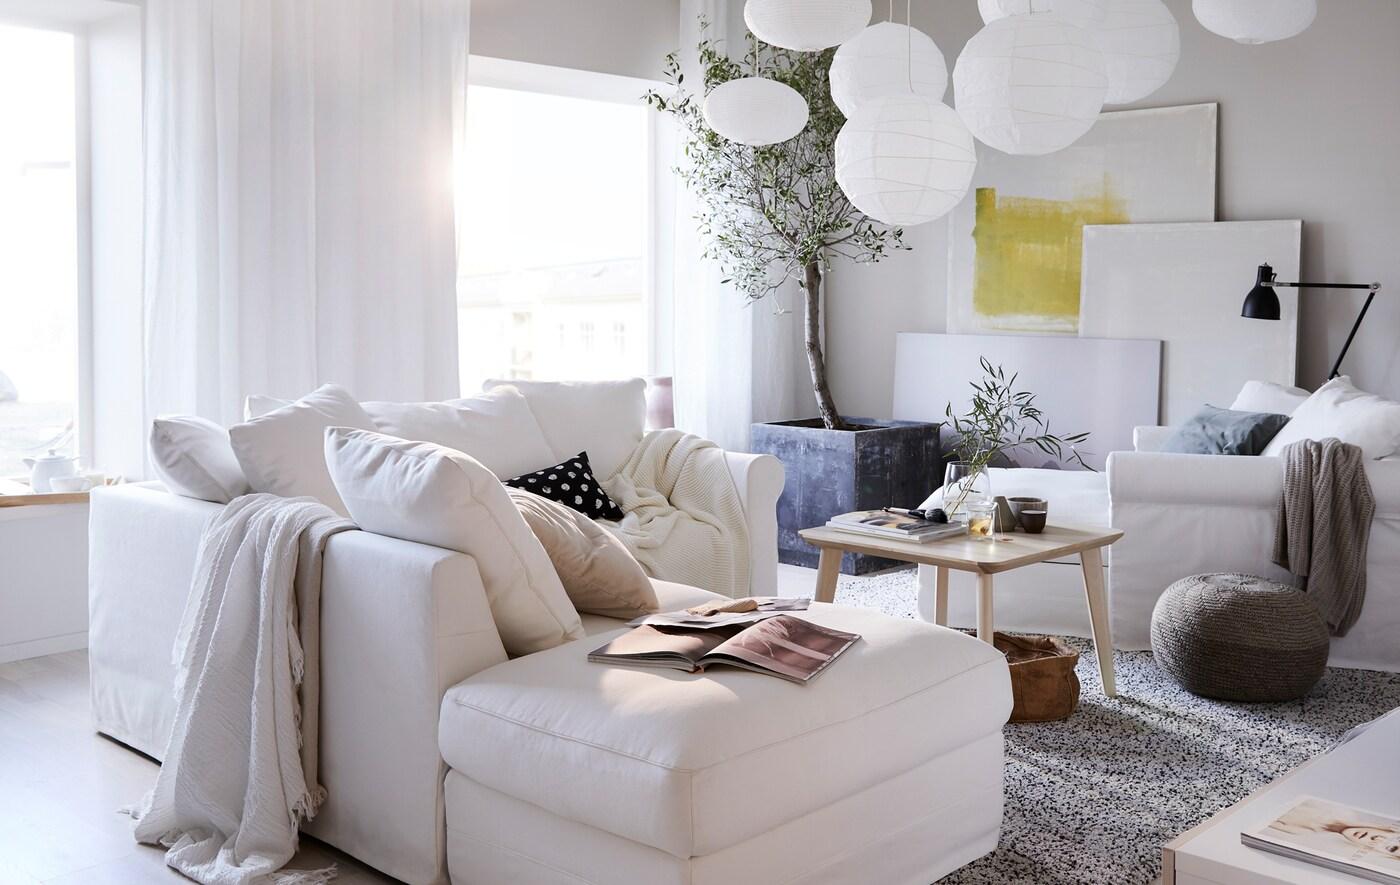 Rentoudu mukavalla sohvalla, joka mukautuu kaikkiin tarpeisiisi. Sellainen on valkoinen kolmen istuttava IKEA GRÖNLID-kulmasohva! Valkoinen kulmasohva sopii seesteiseen tyyliin.